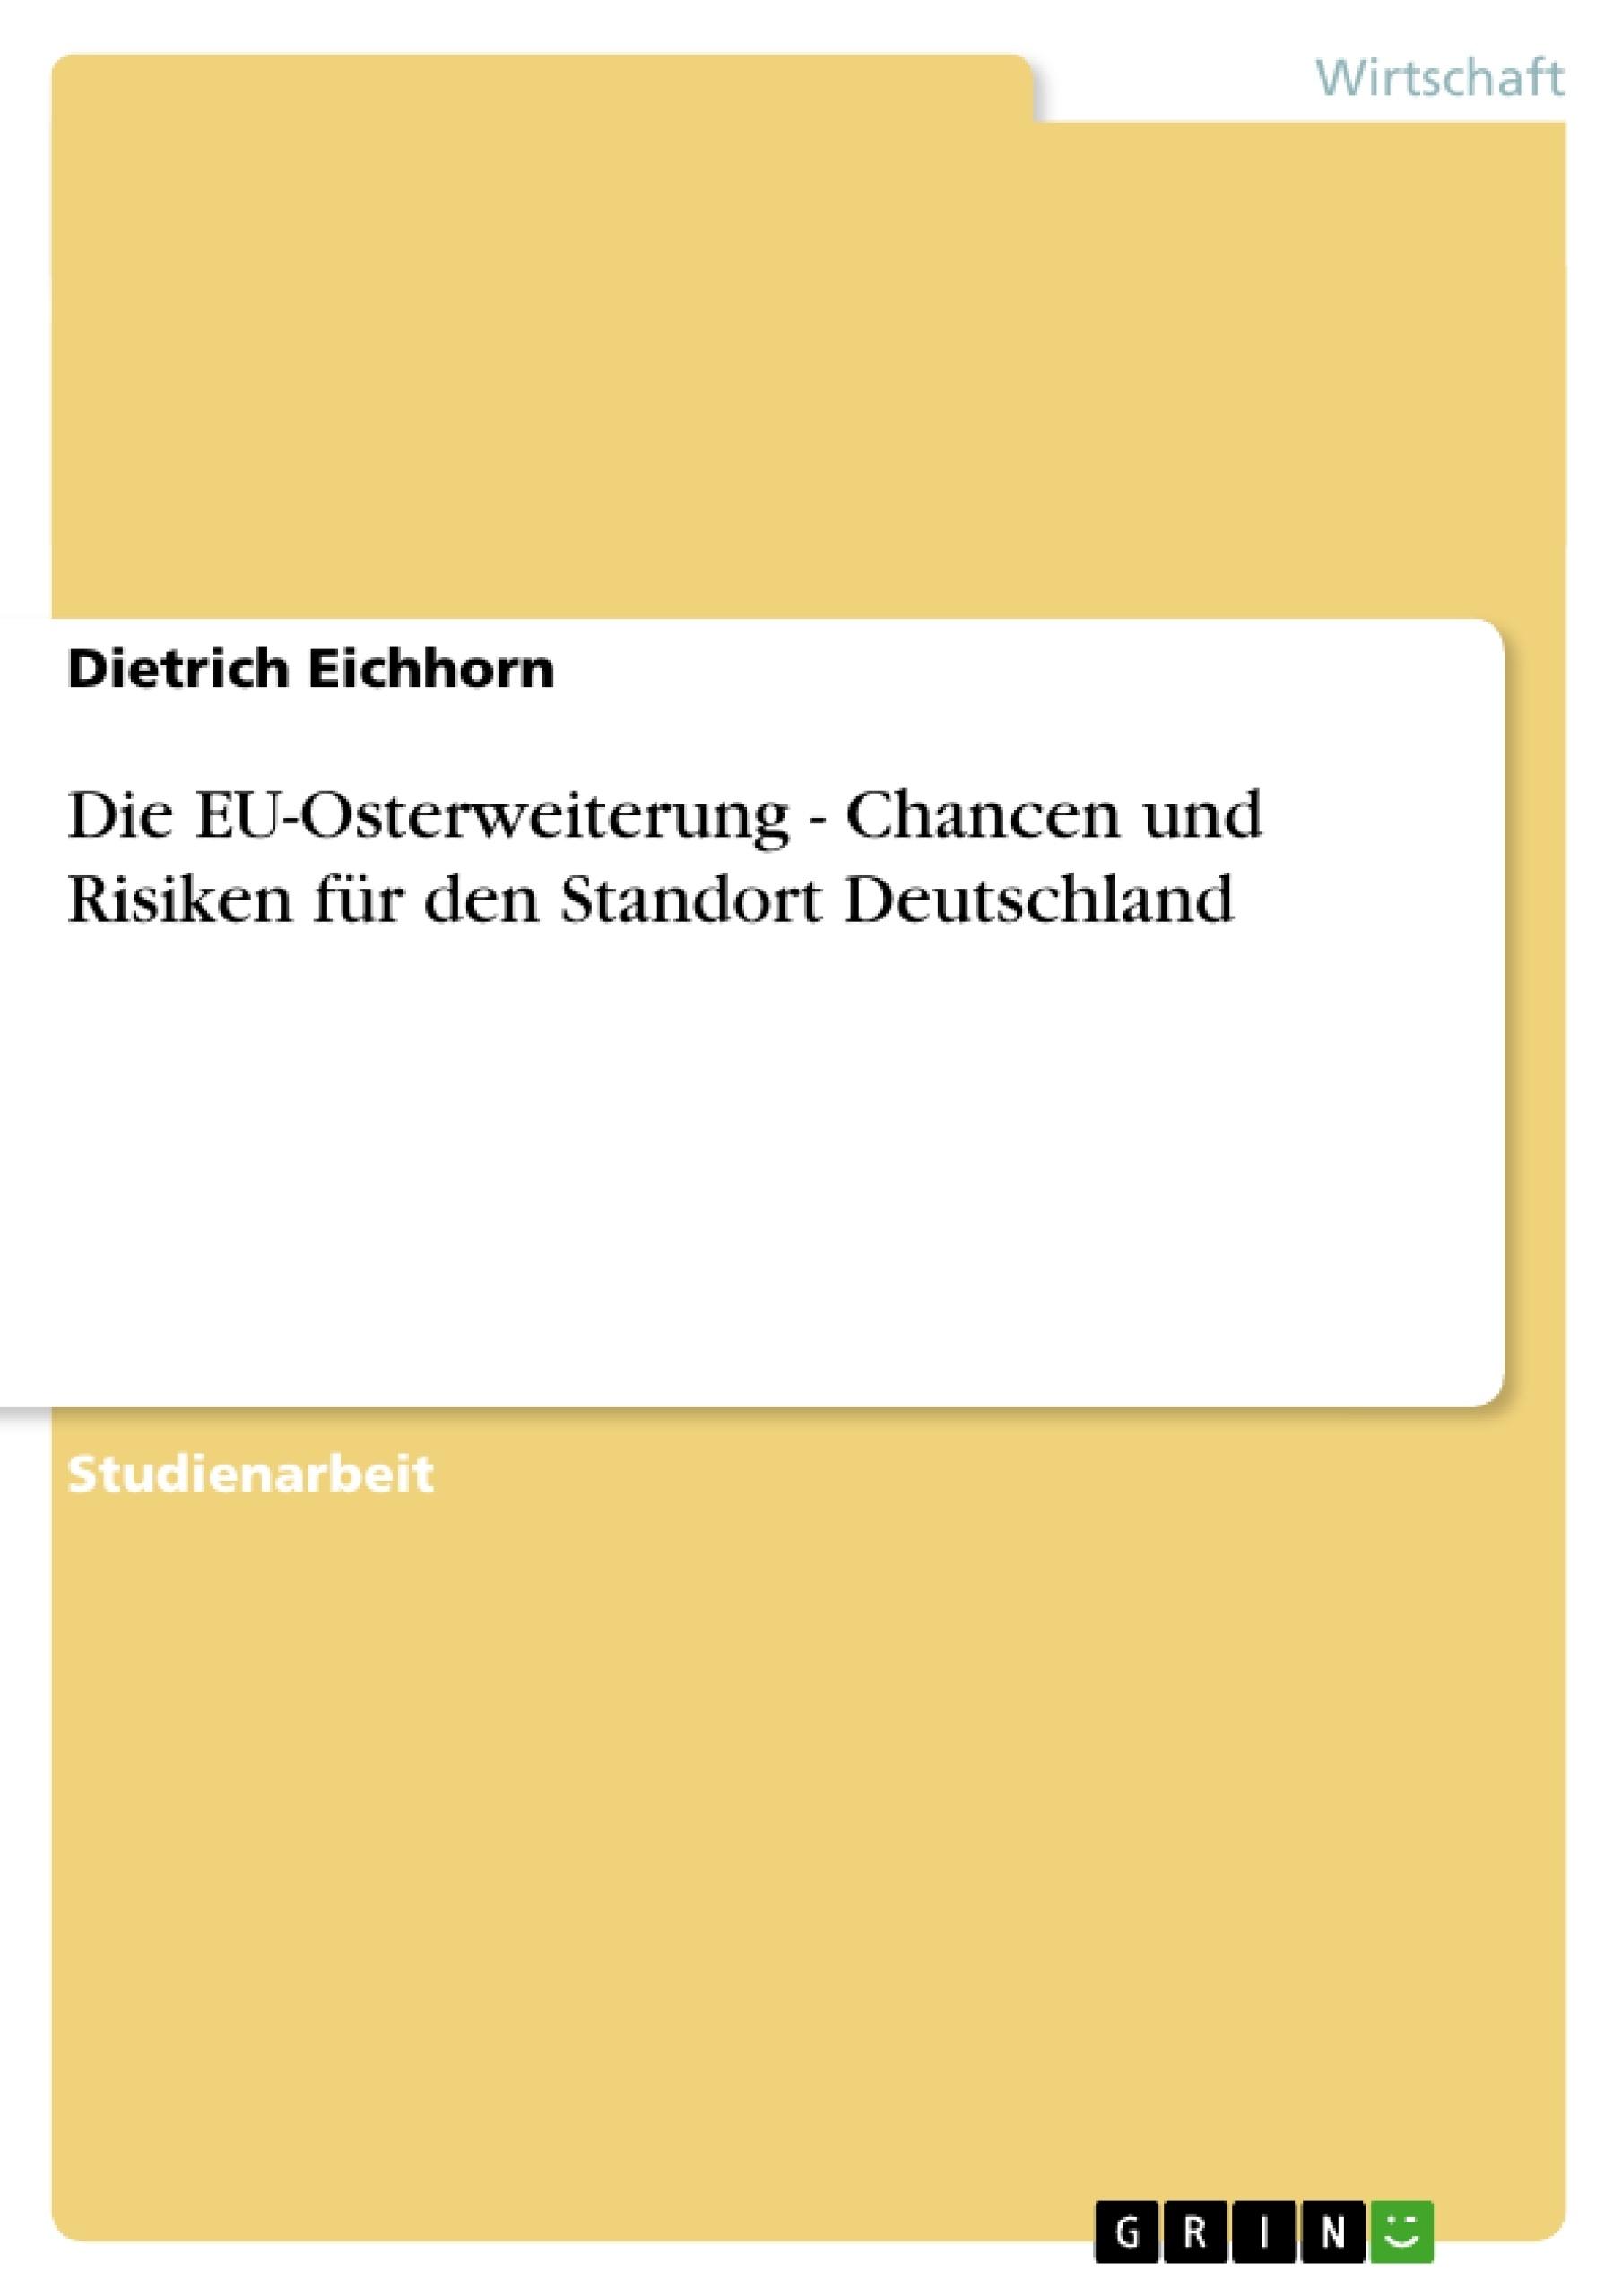 Titel: Die EU-Osterweiterung - Chancen und Risiken für den Standort Deutschland